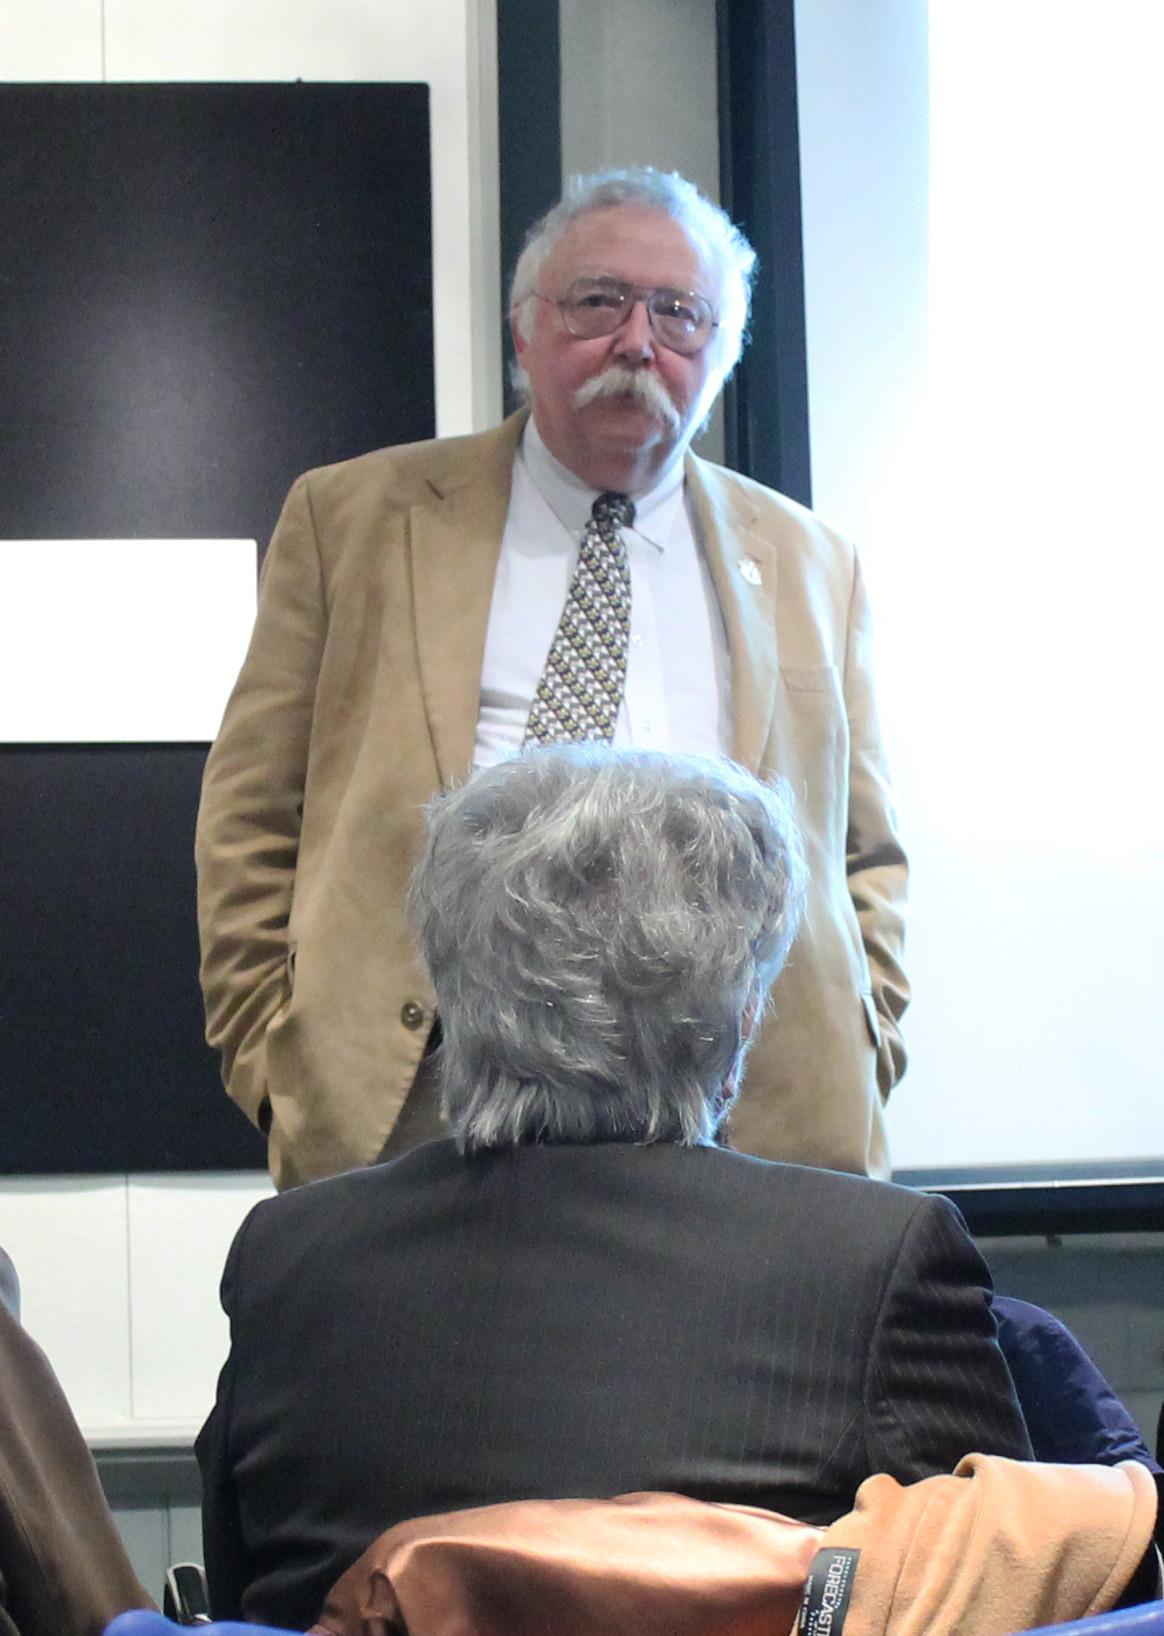 Dr. Selig